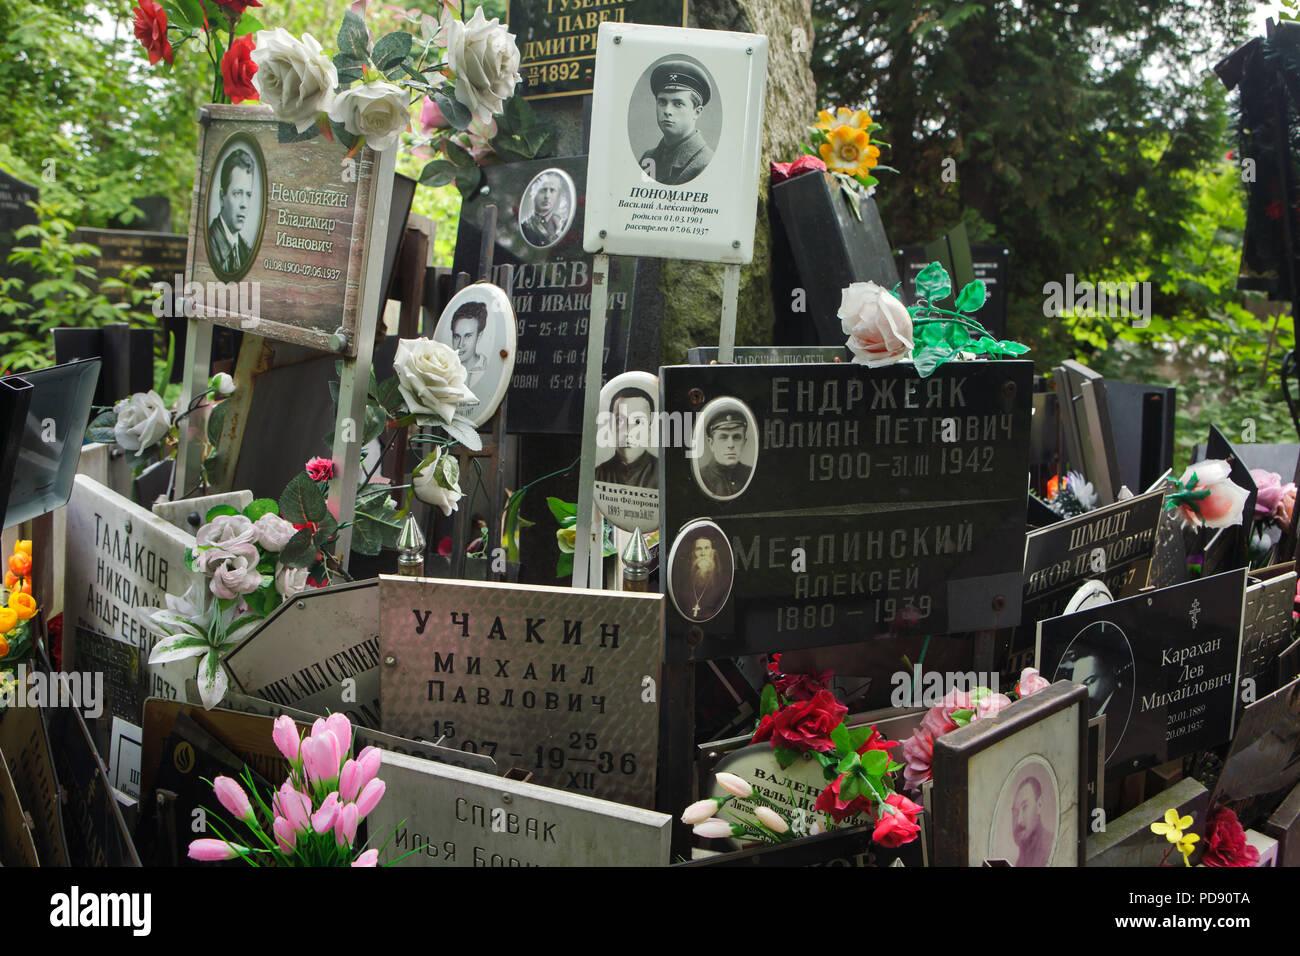 Gemeinsames Grab von unclaimed Asche Nummer eins, wo die Leute von der NKWD heimlich von 1930 bis 1942 begraben wurden, am Donskoye Friedhof in Moskau, Russland. Es wird geglaubt, daß das Massengrab enthält die Überreste von 4259 Opfer von Stalins Regime. Tafeln mit den Namen von Verwandten seit den 80er Jahren installiert. Stockbild